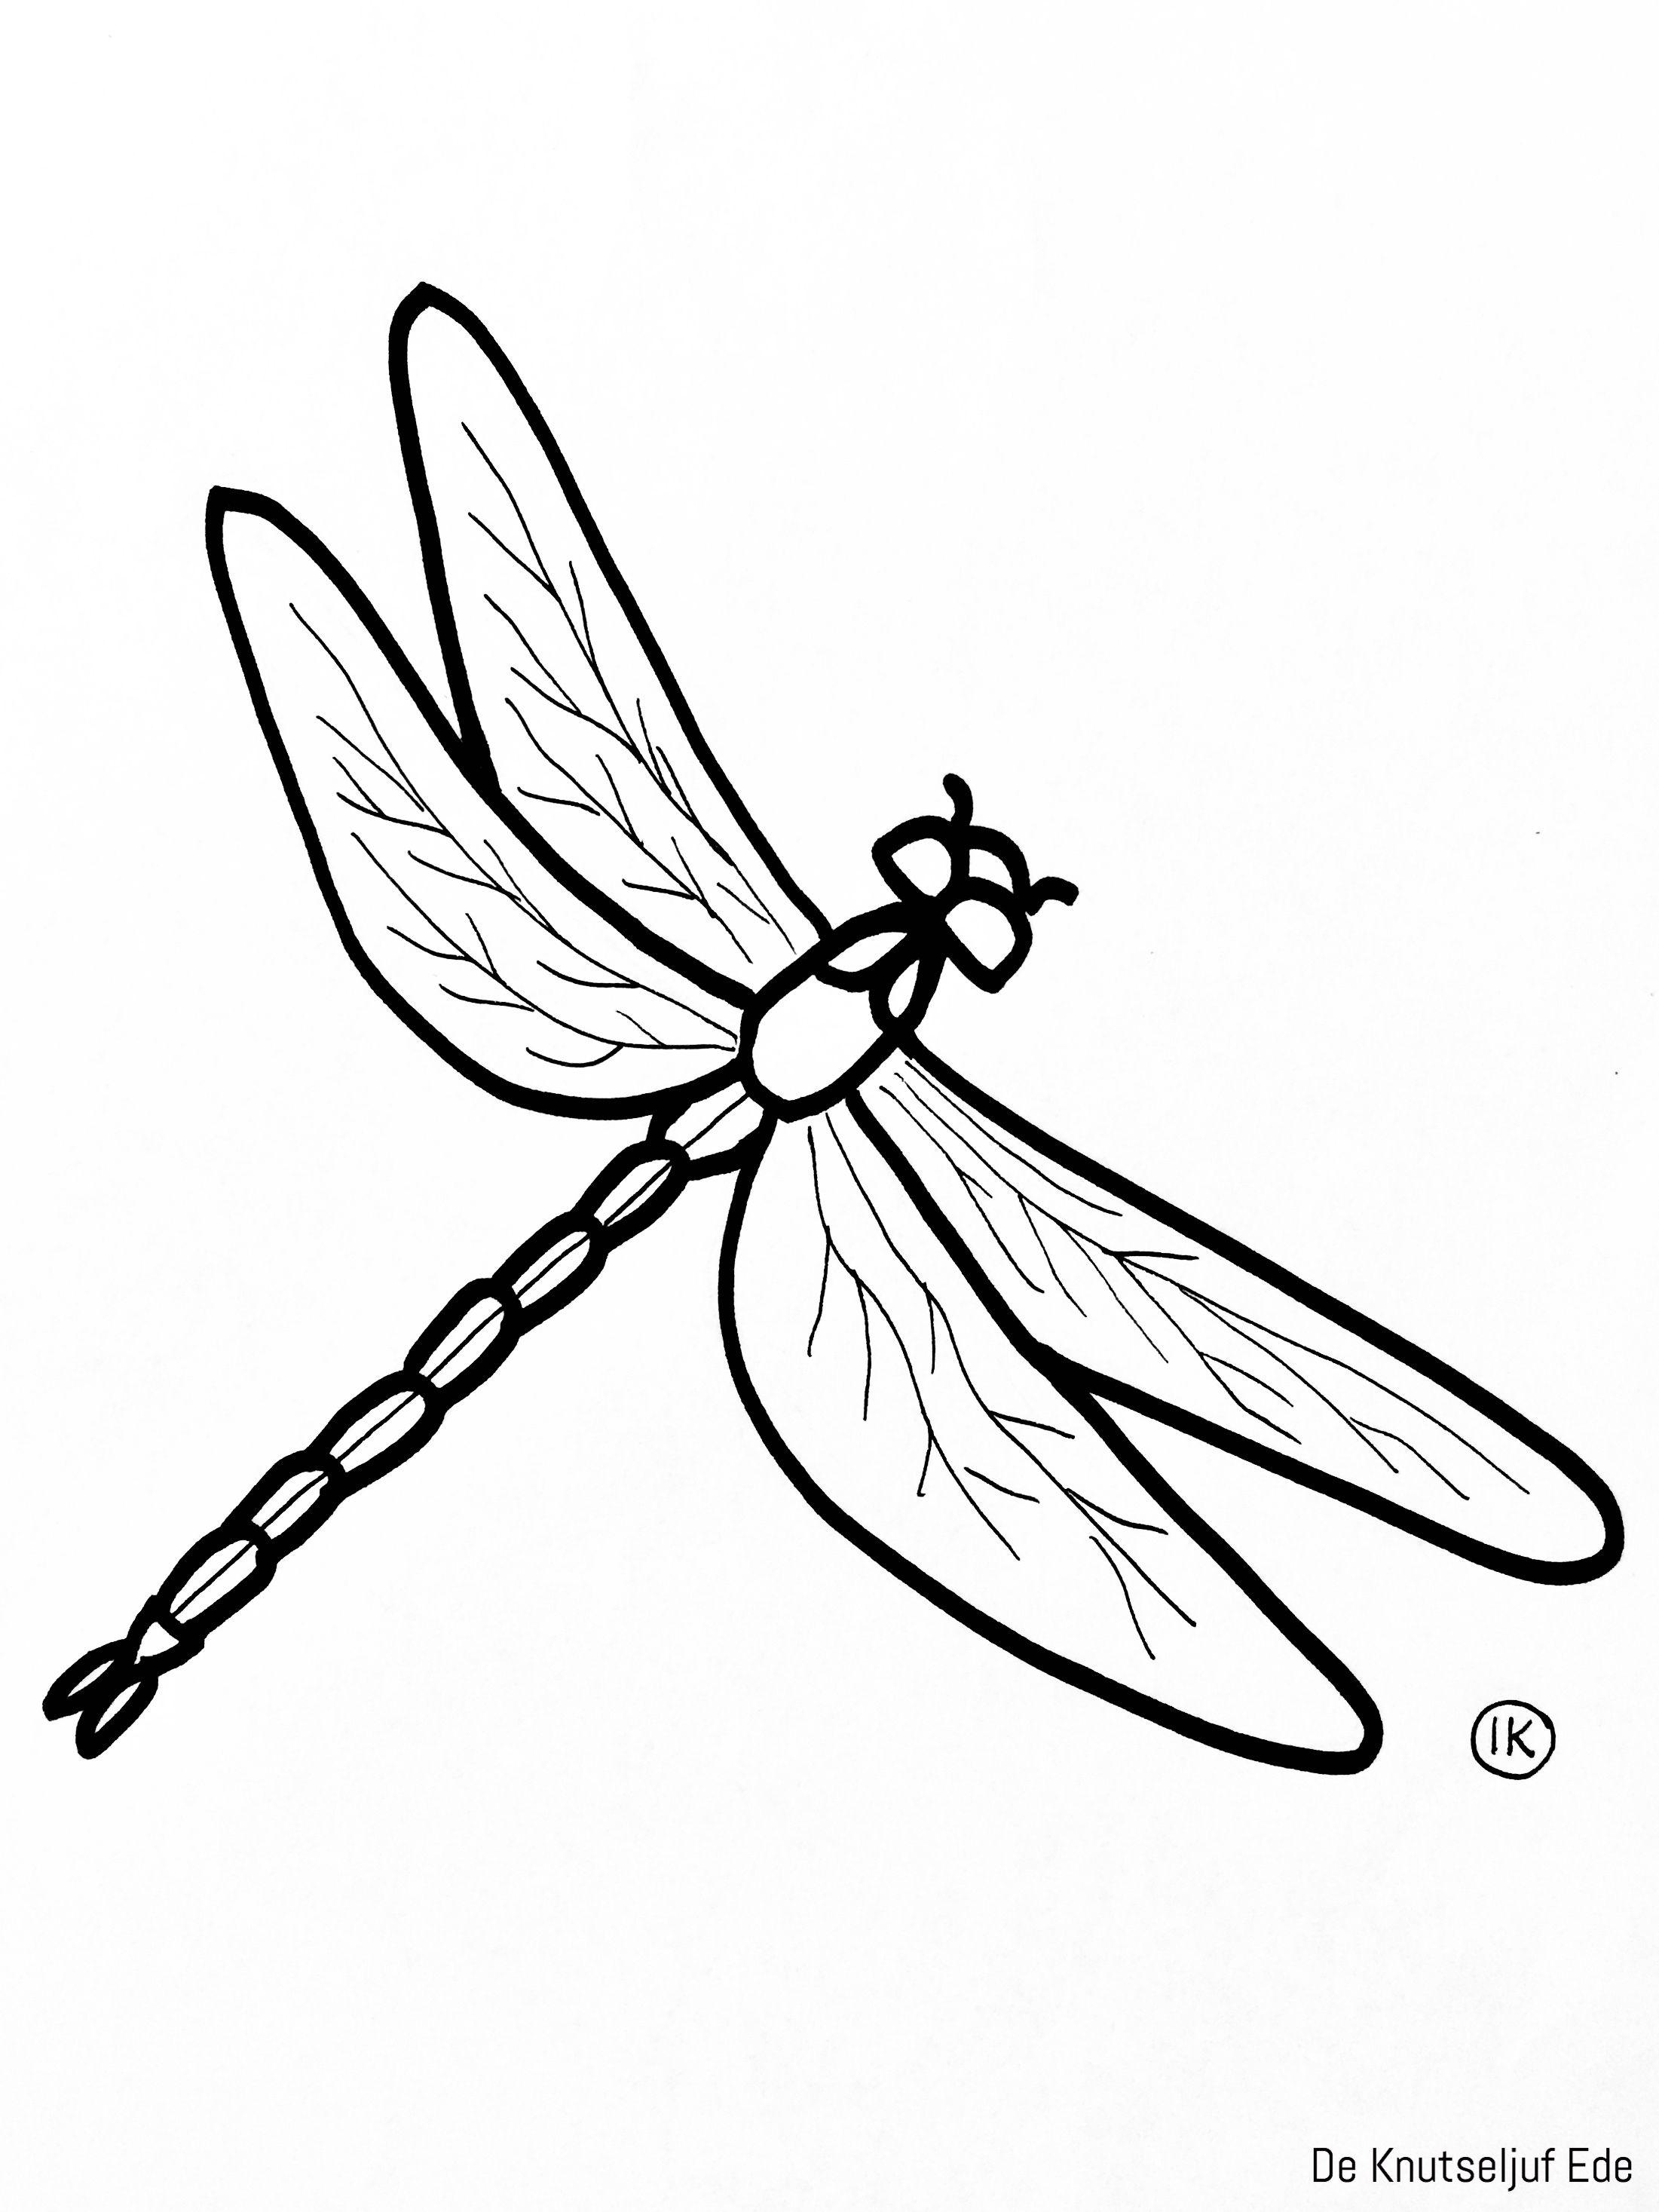 Kleurplaten Kriebelbeestjes Insekten Kleurplaat Kleurplaten Deknutseljuf Sprinkhaan De Knutseljuf E Kleurplaten Insect Knutselen Gratis Kleurplaten